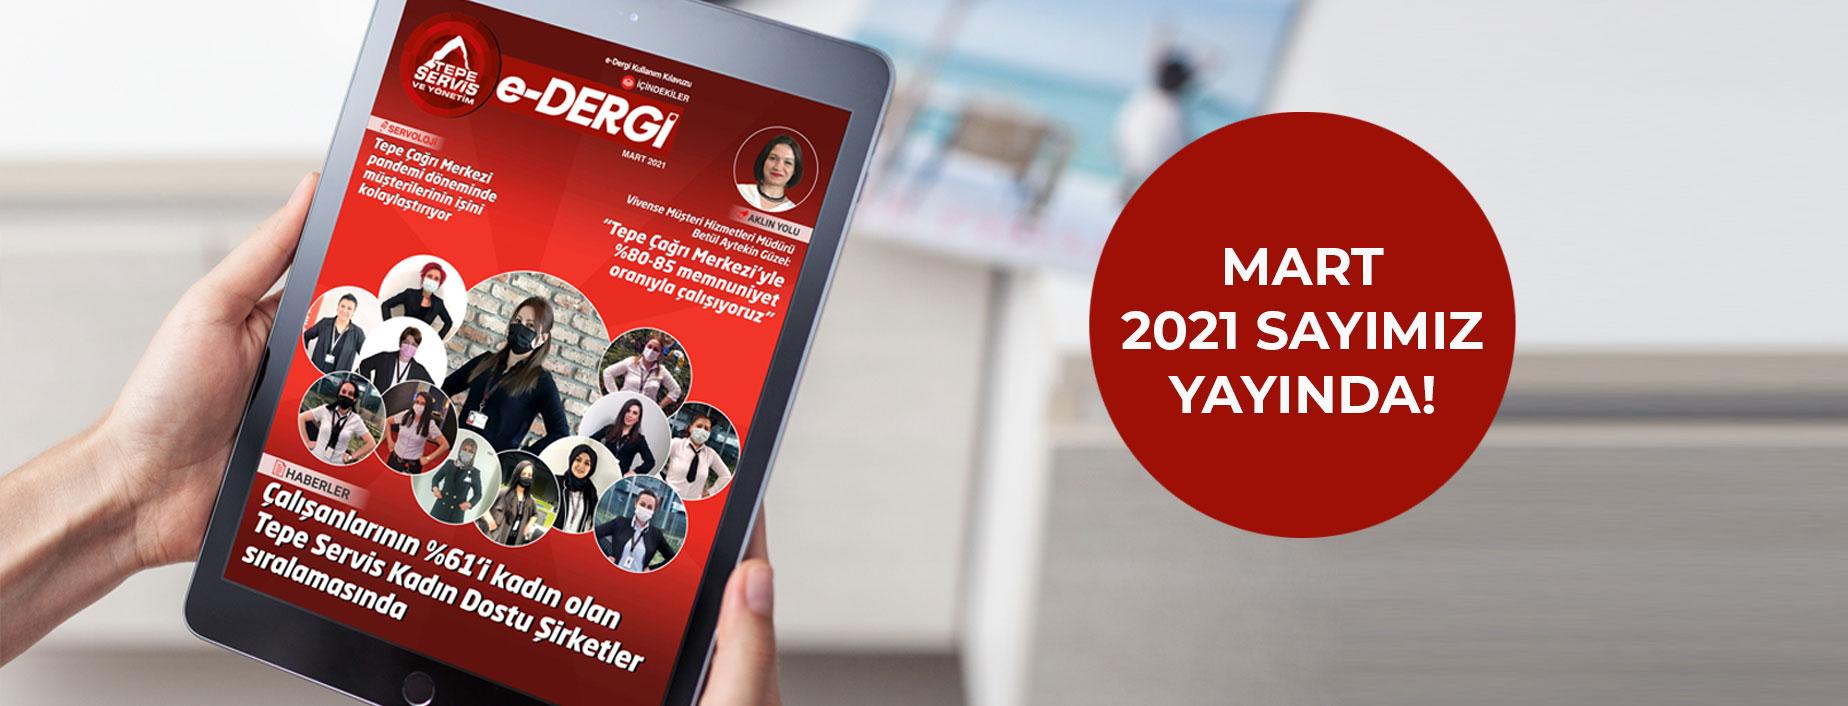 Eylül 2020 Sayımız Yayında